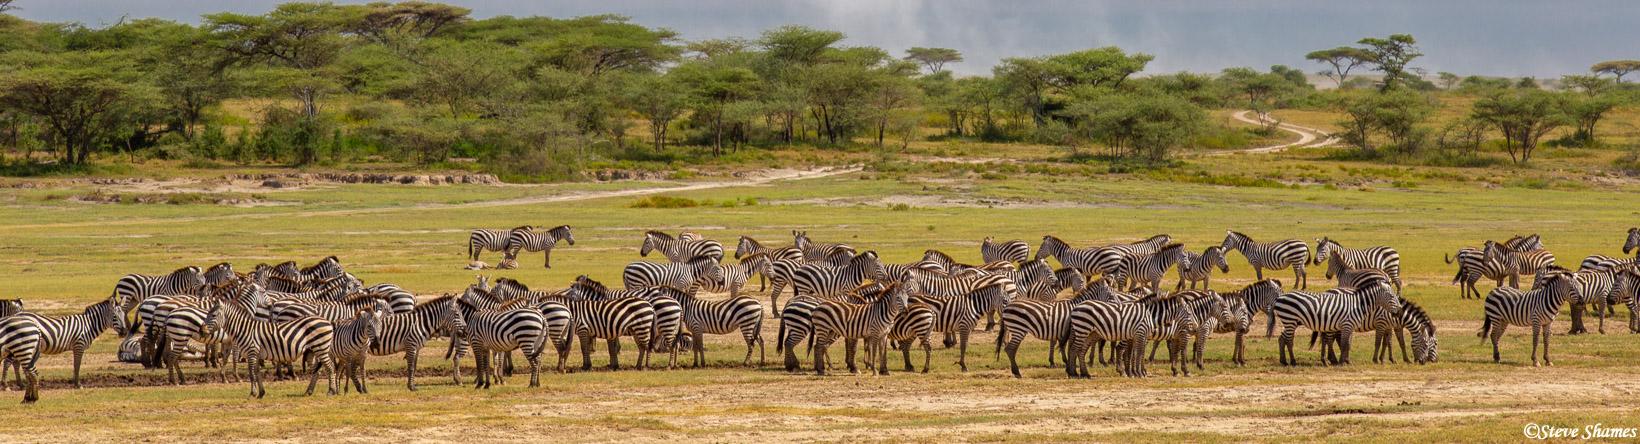 serengeti, national park, tanzania, zebra, panorama, photo